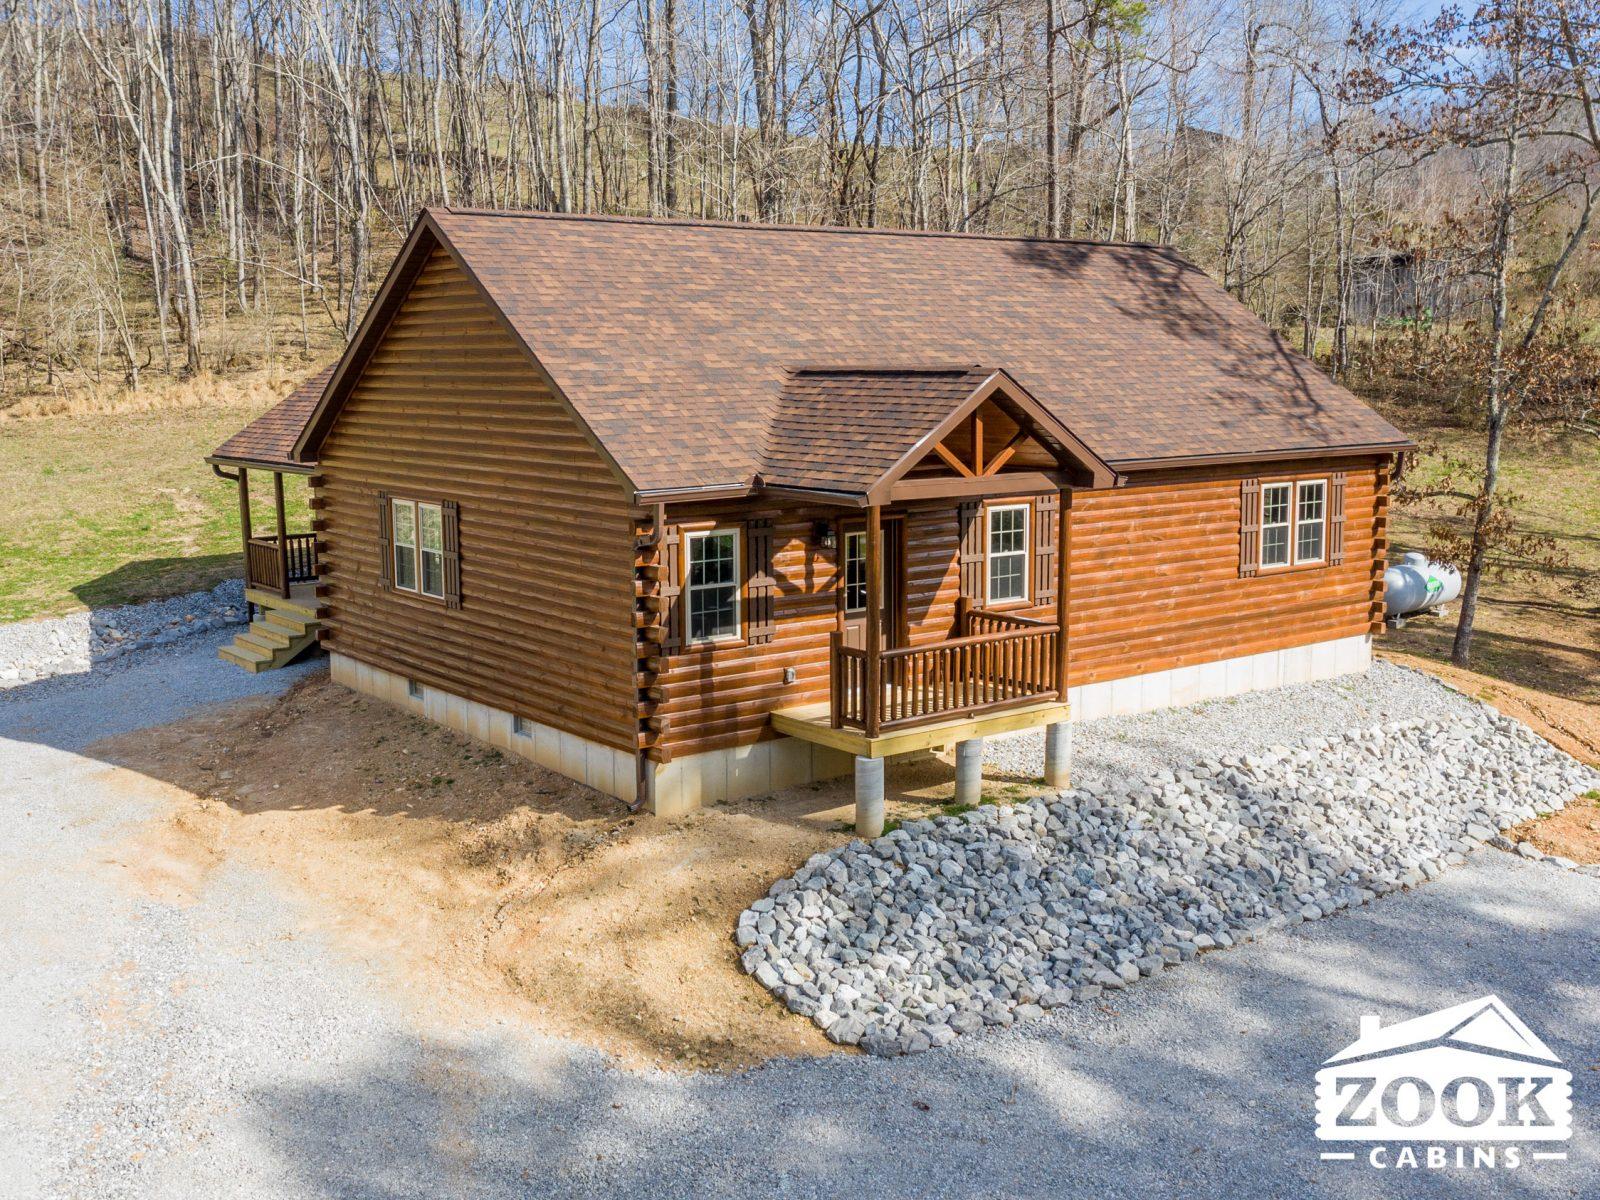 Sunset Ridge Log Cabins in South Carolina